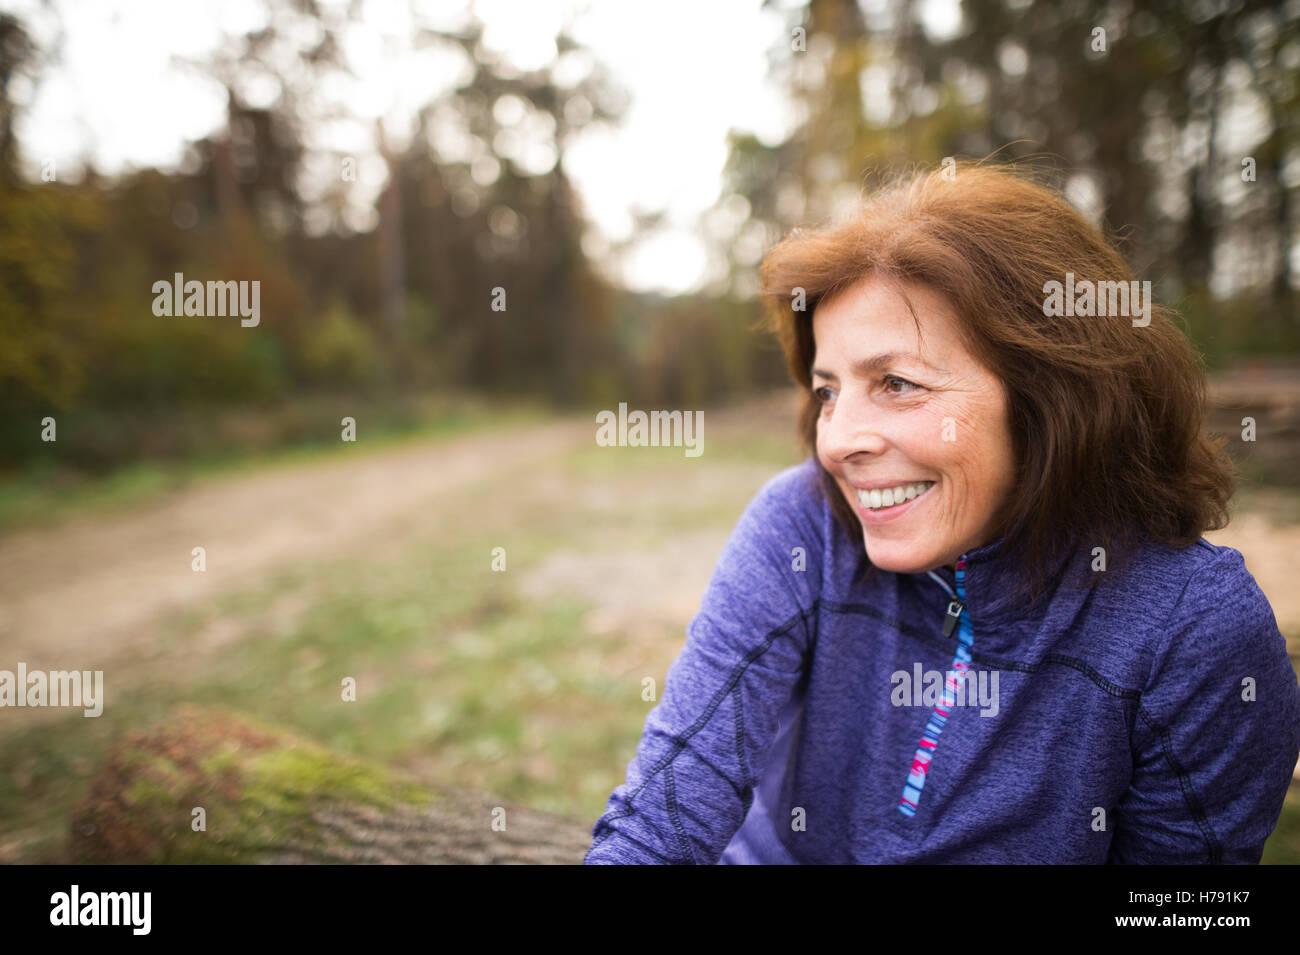 Senior runner sitting on wooden logs, woman resting, smiling. - Stock Image